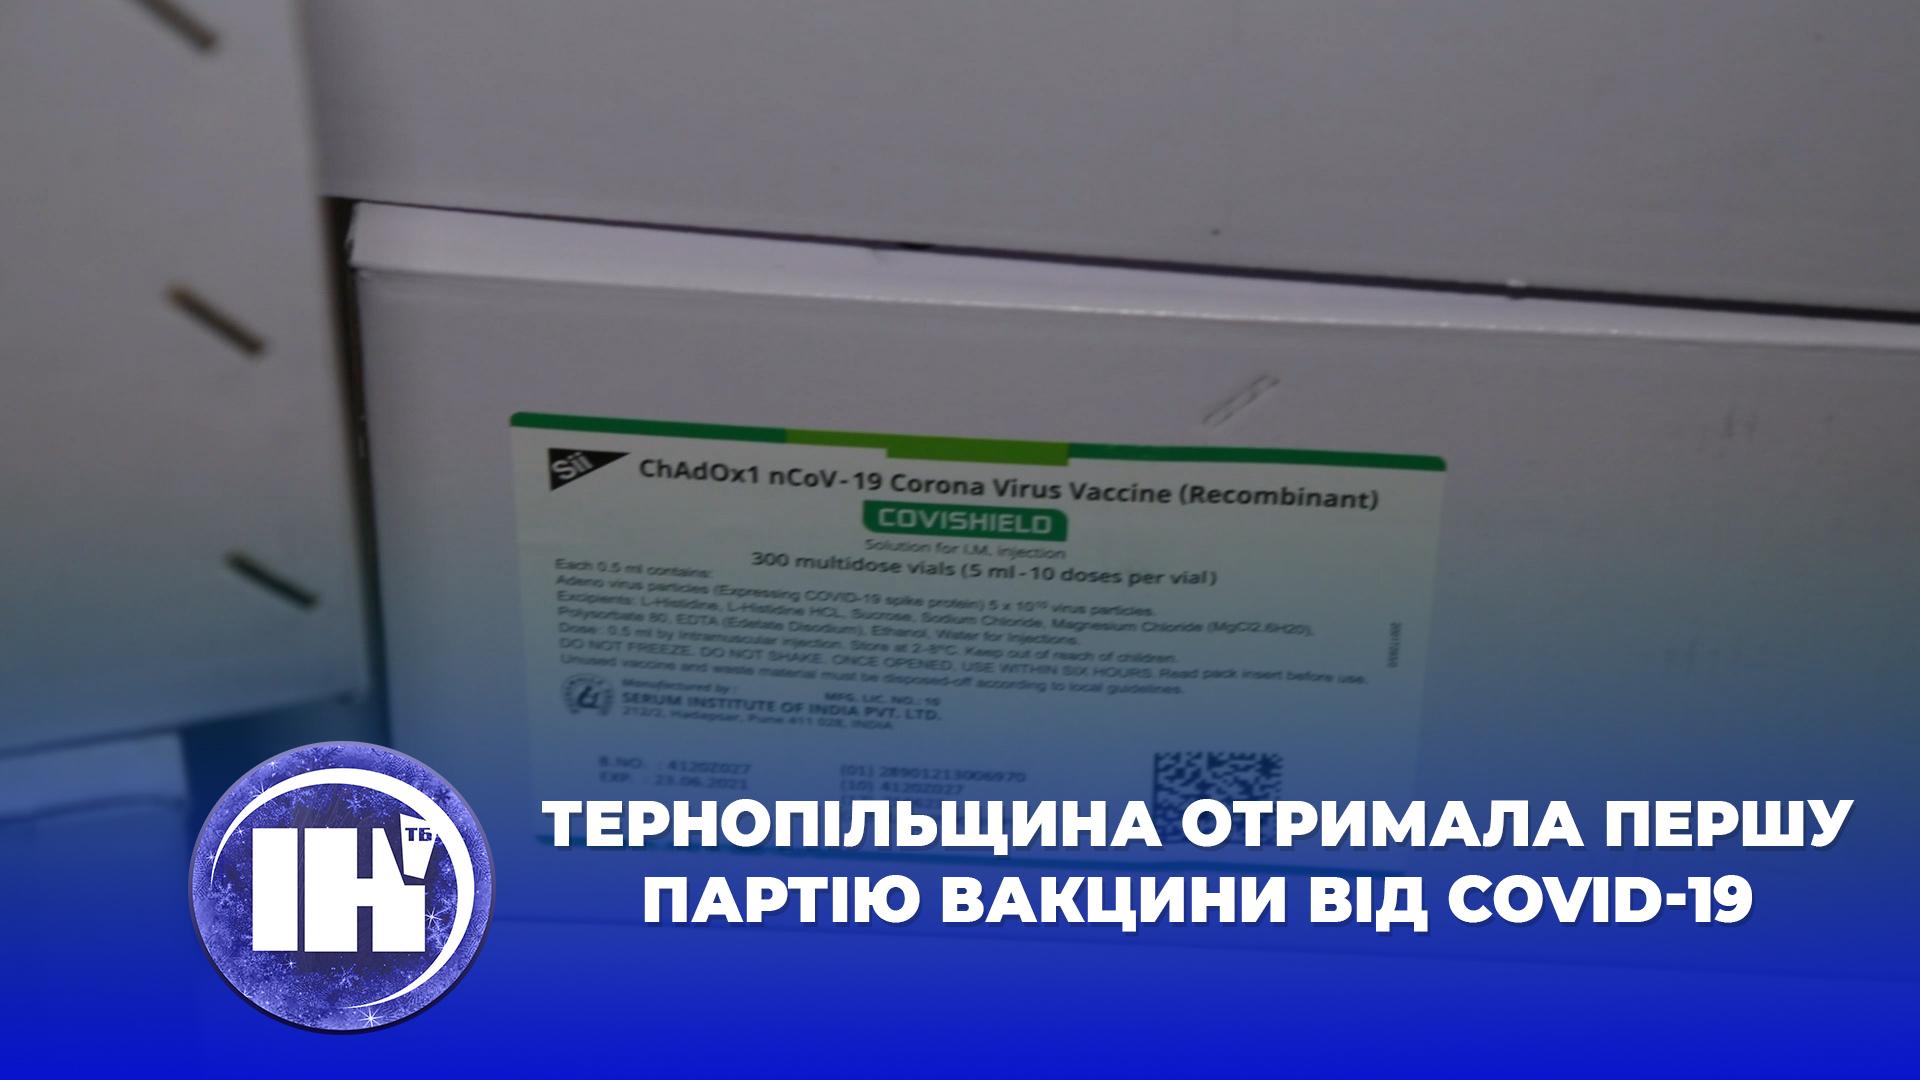 Тернопільщина отримала першу партію вакцини від COVID-19